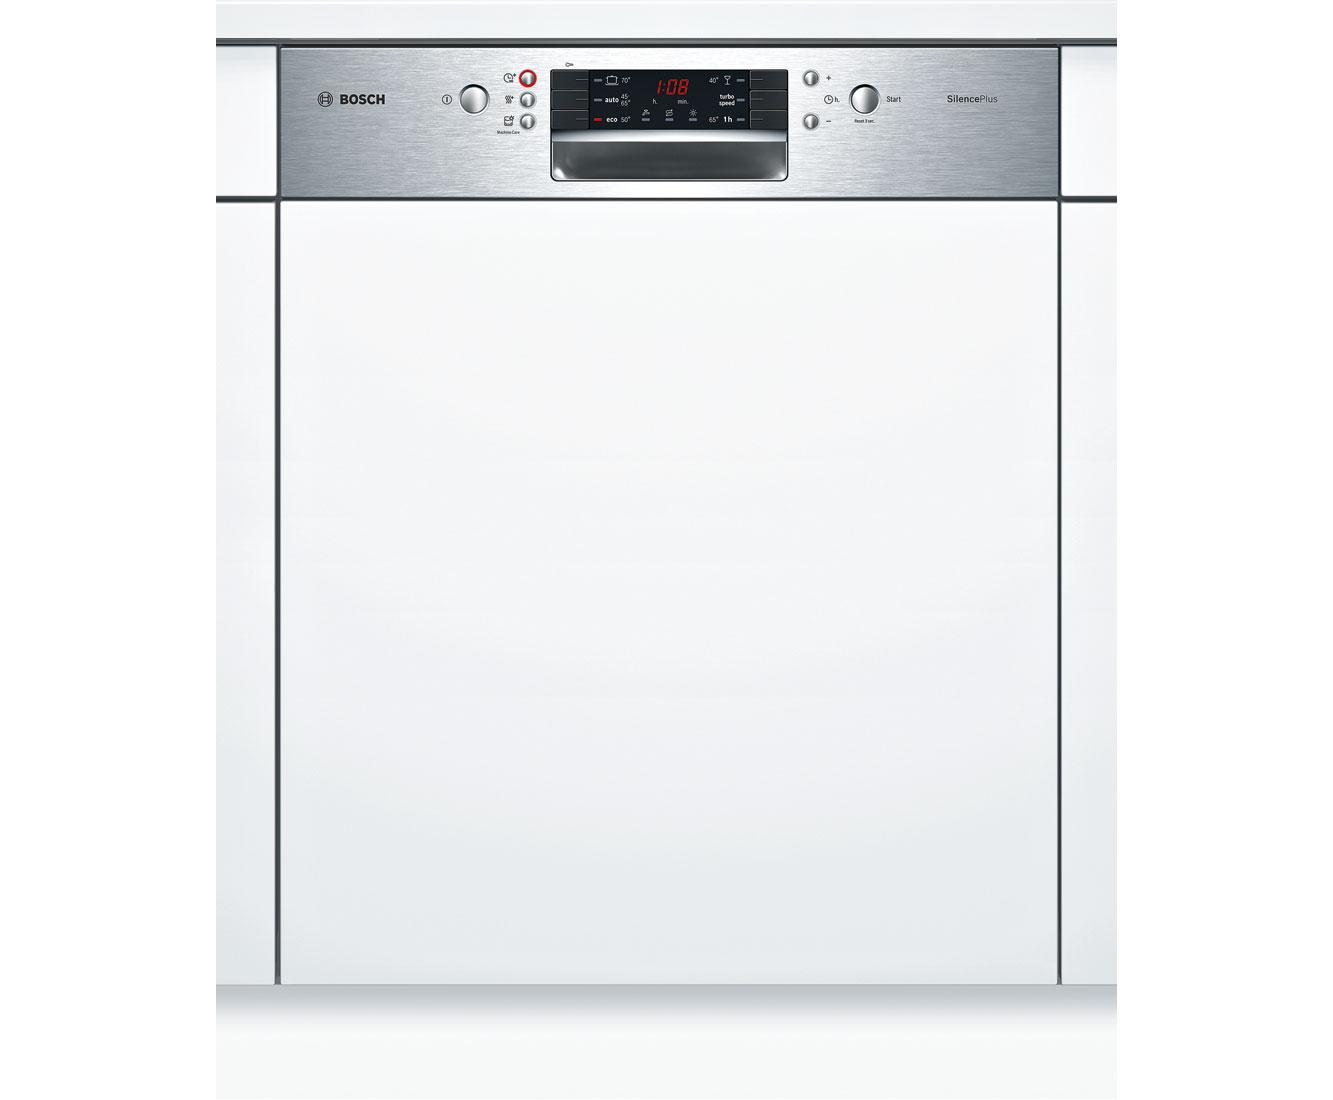 Bosch Serie 4 SMI46KS00E Geschirrspüler 60 cm - Edelstahl   Küche und Esszimmer > Küchenelektrogeräte > Gefrierschränke   Edelstahl   Bosch